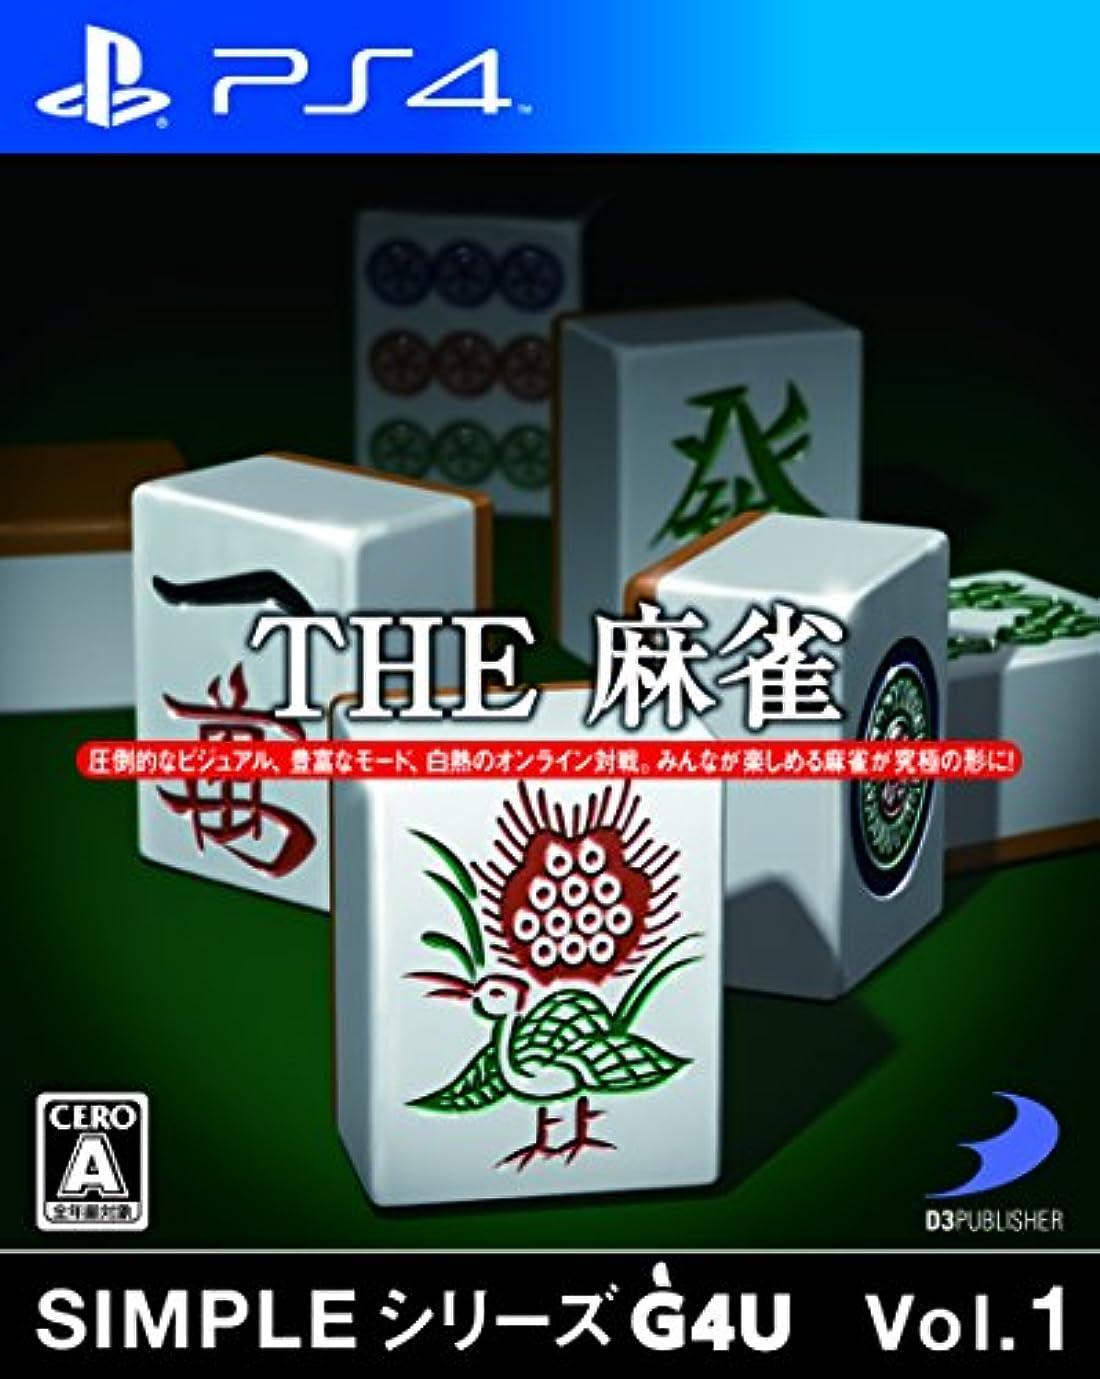 狭い暖炉些細SIMPLEシリーズG4U Vol.1 THE 麻雀 - PS4